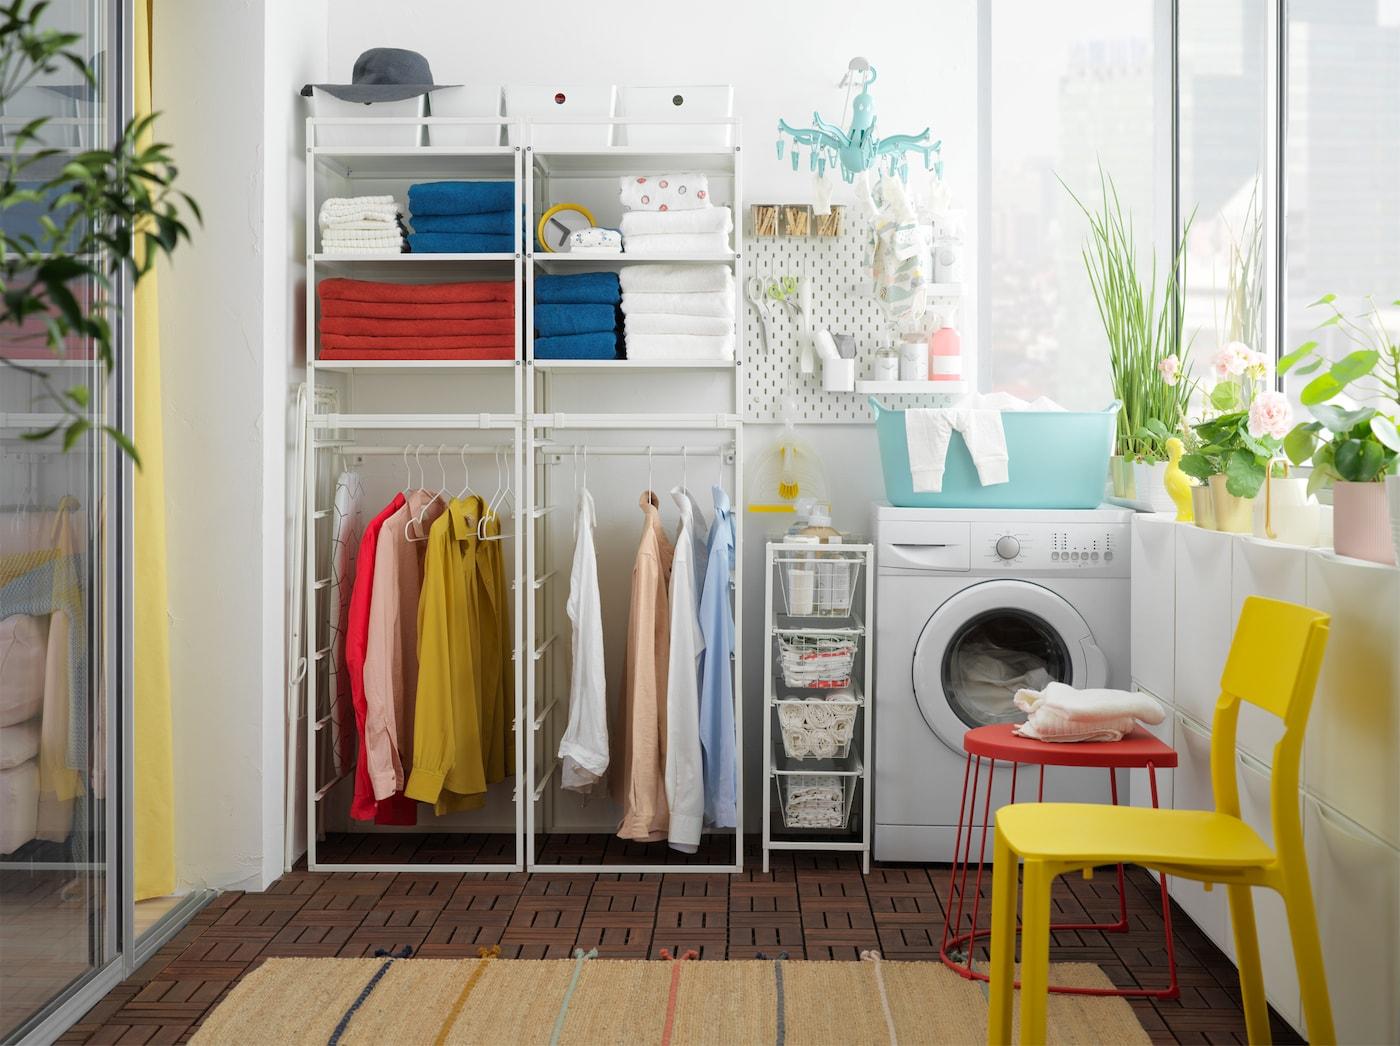 Buanderie équipée d'une étagère JONAXEL. Des serviettes sont rangées sur ses tablettes et des vêtements accrochés à ses tringles, à proximité d'un lave-linge.